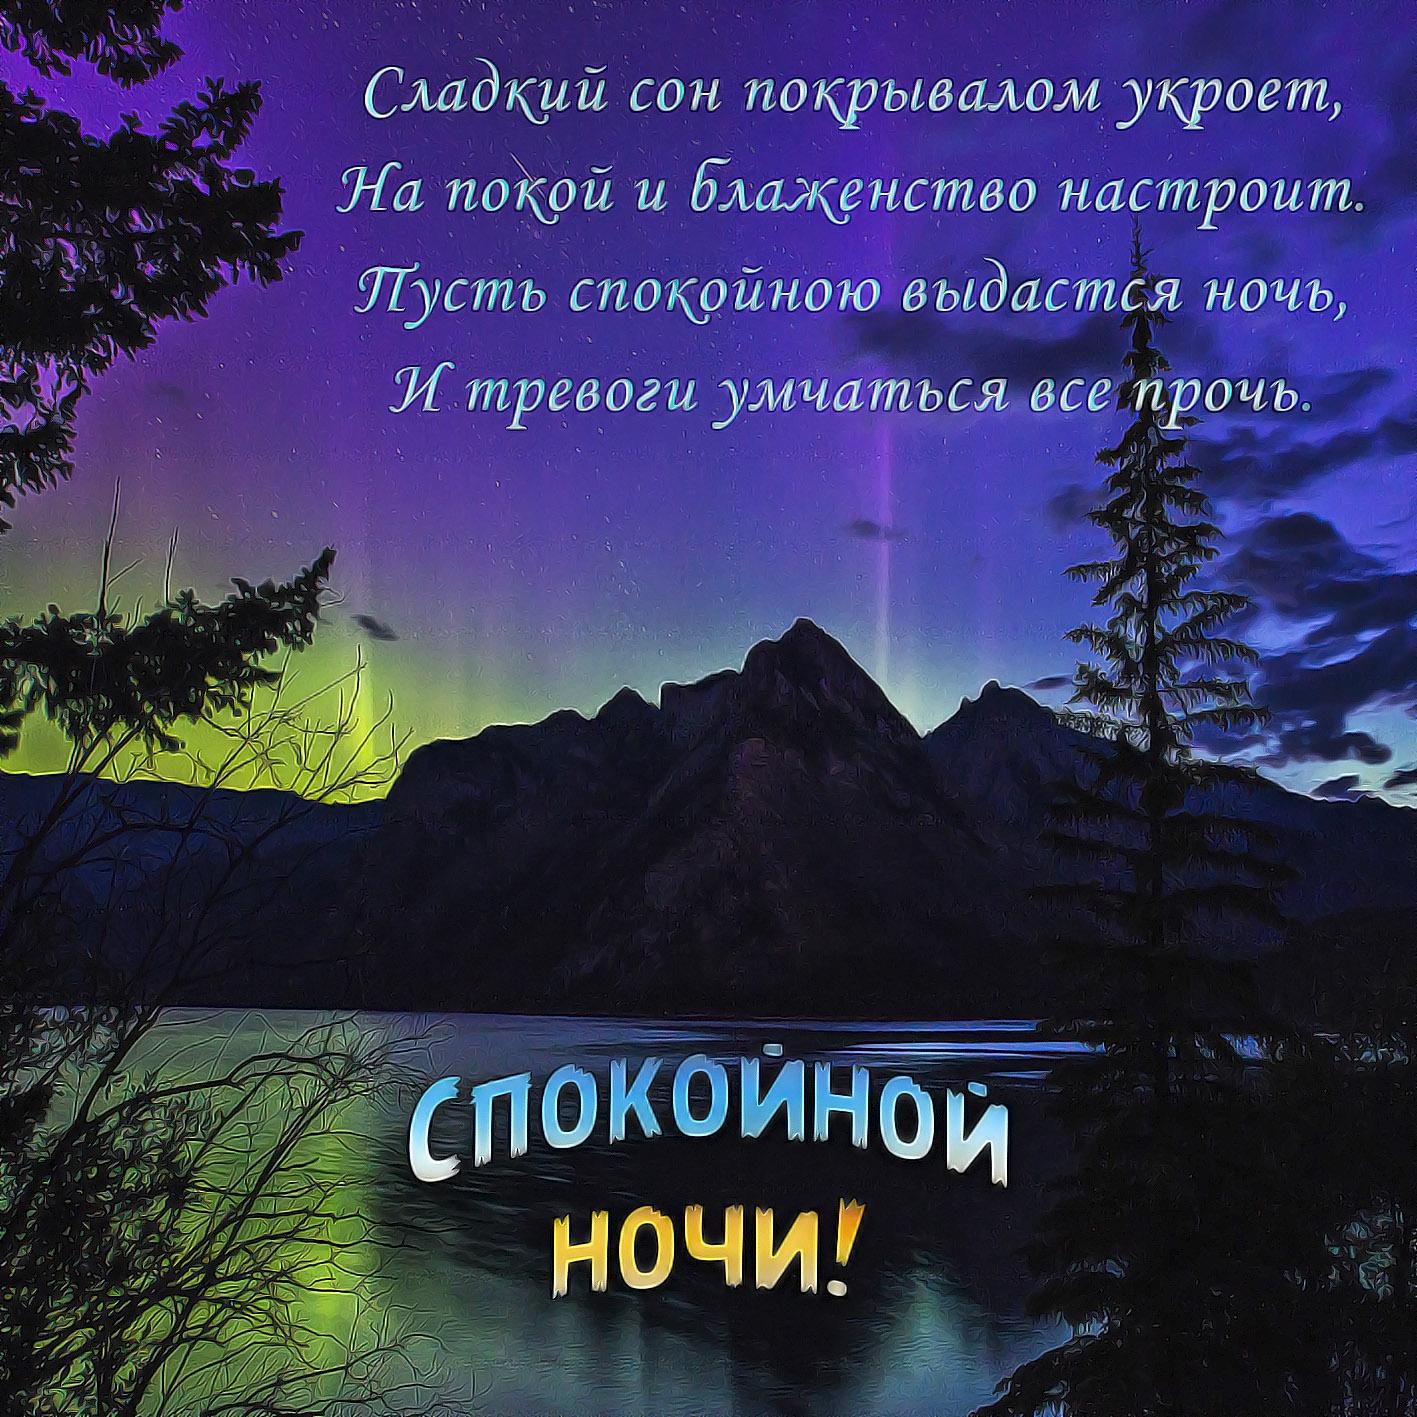 стихотворение пожелание доброй ночи могут